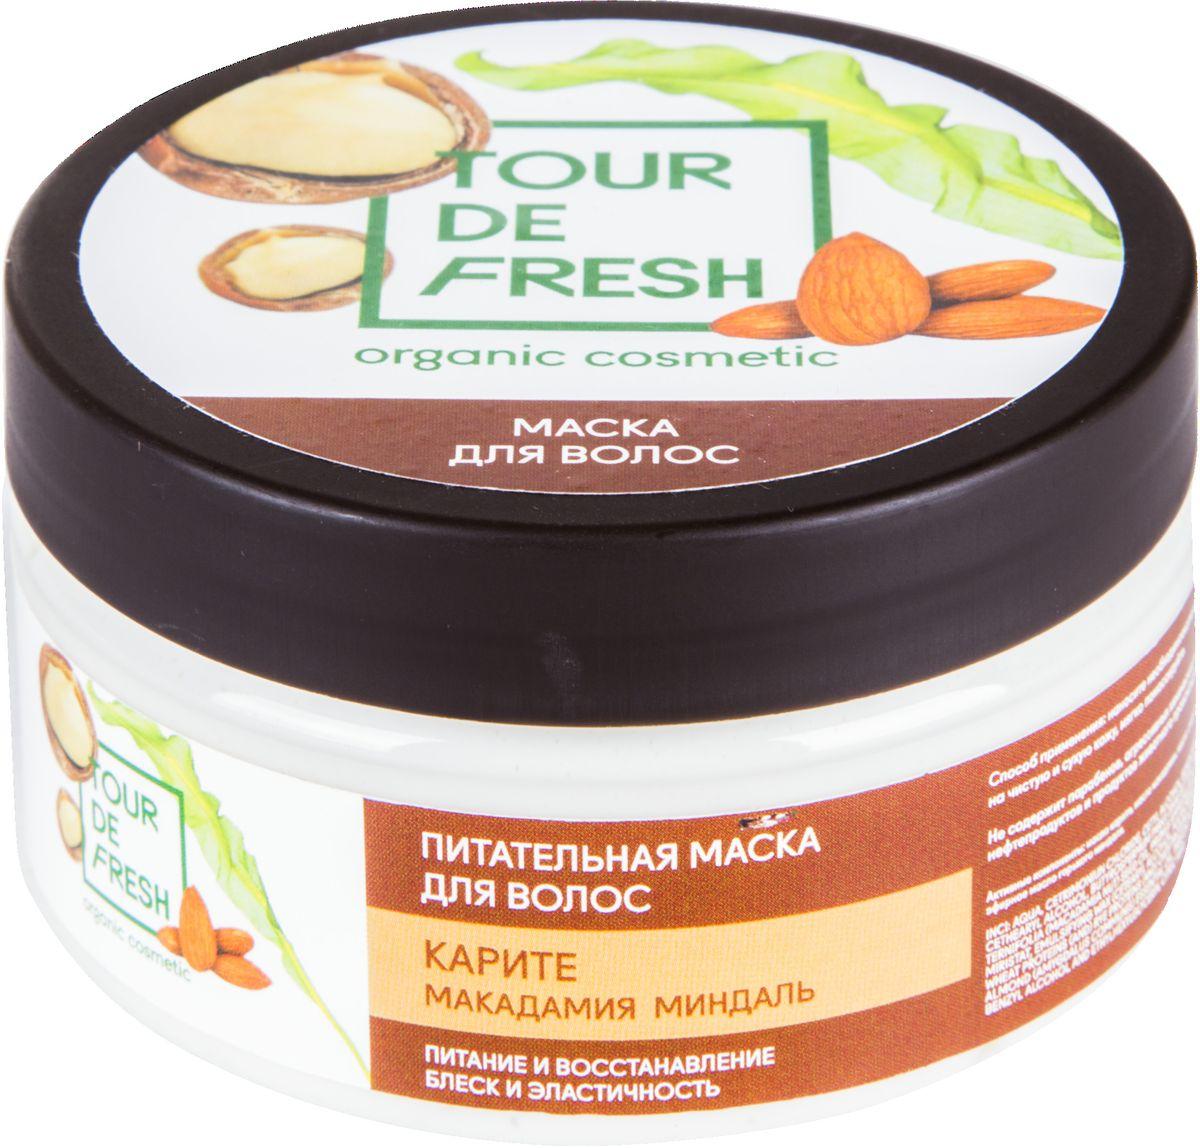 Tour De Fresh Питательная маска для волос Макадамия, каритэ и миндаль, 200 мл косметика для волос макадамия отзывы